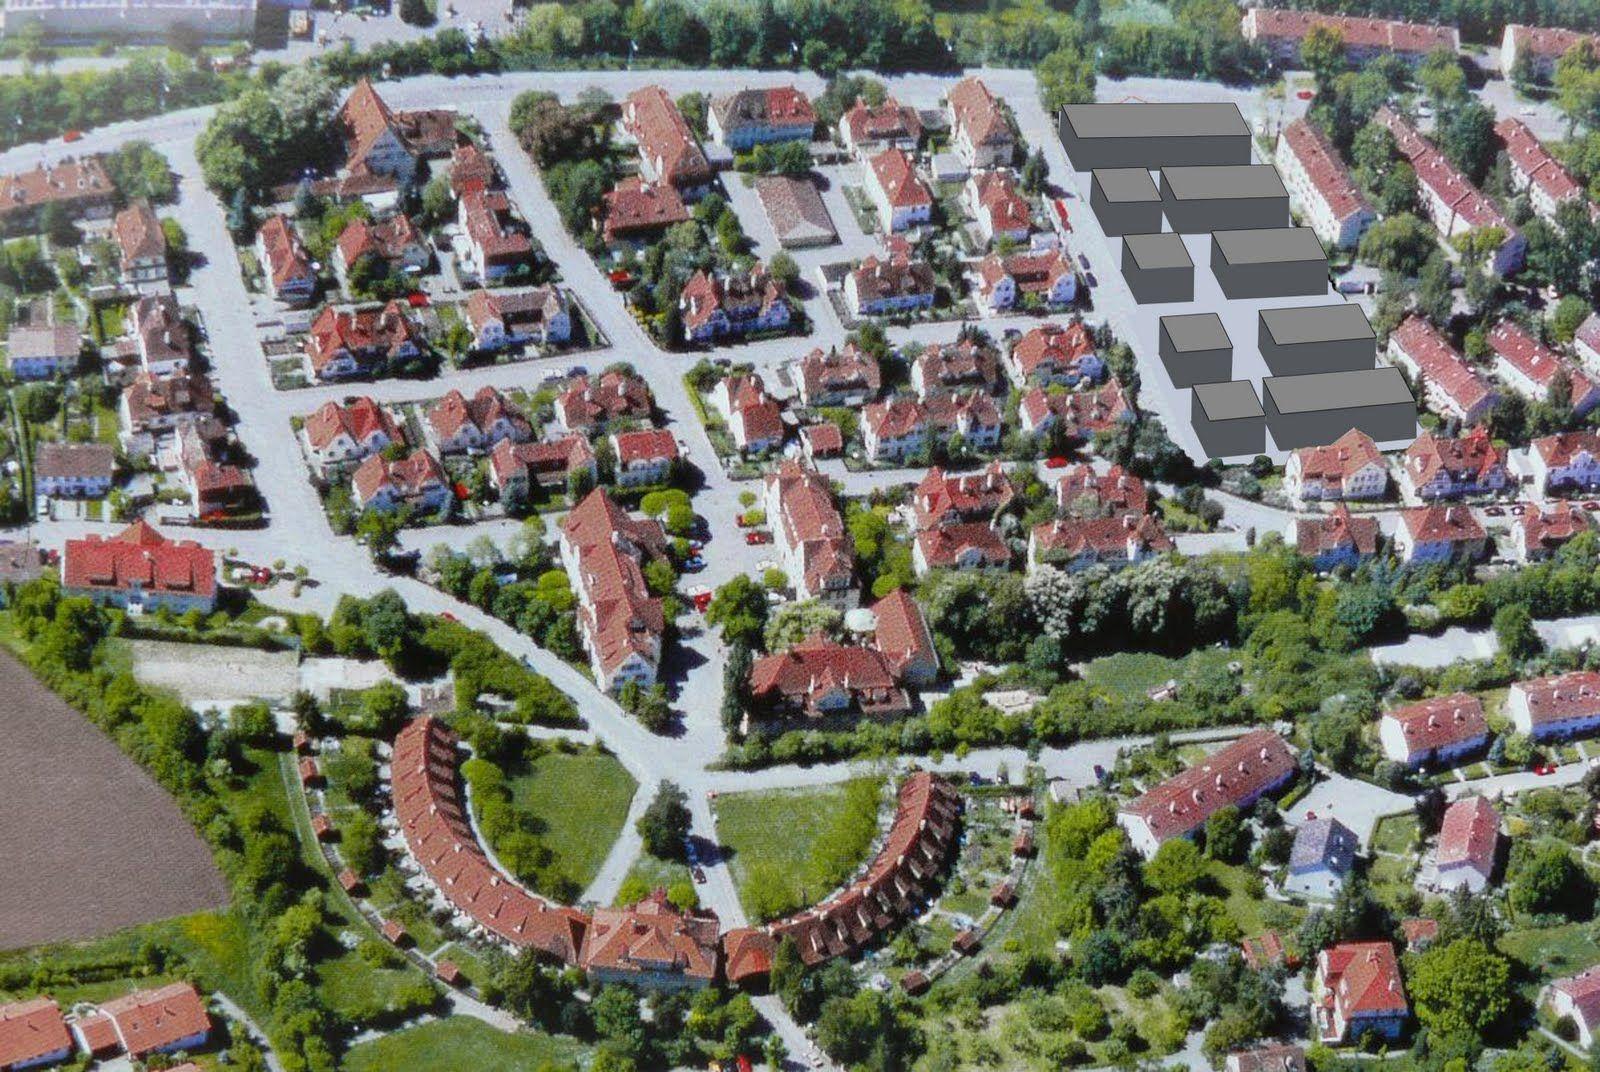 Theodor Fischer Arbeitersiedlung Gmindersdorf Reutlingen 1903 1915 Www Tess Tirol Baugeschichte Architektur Siedlung